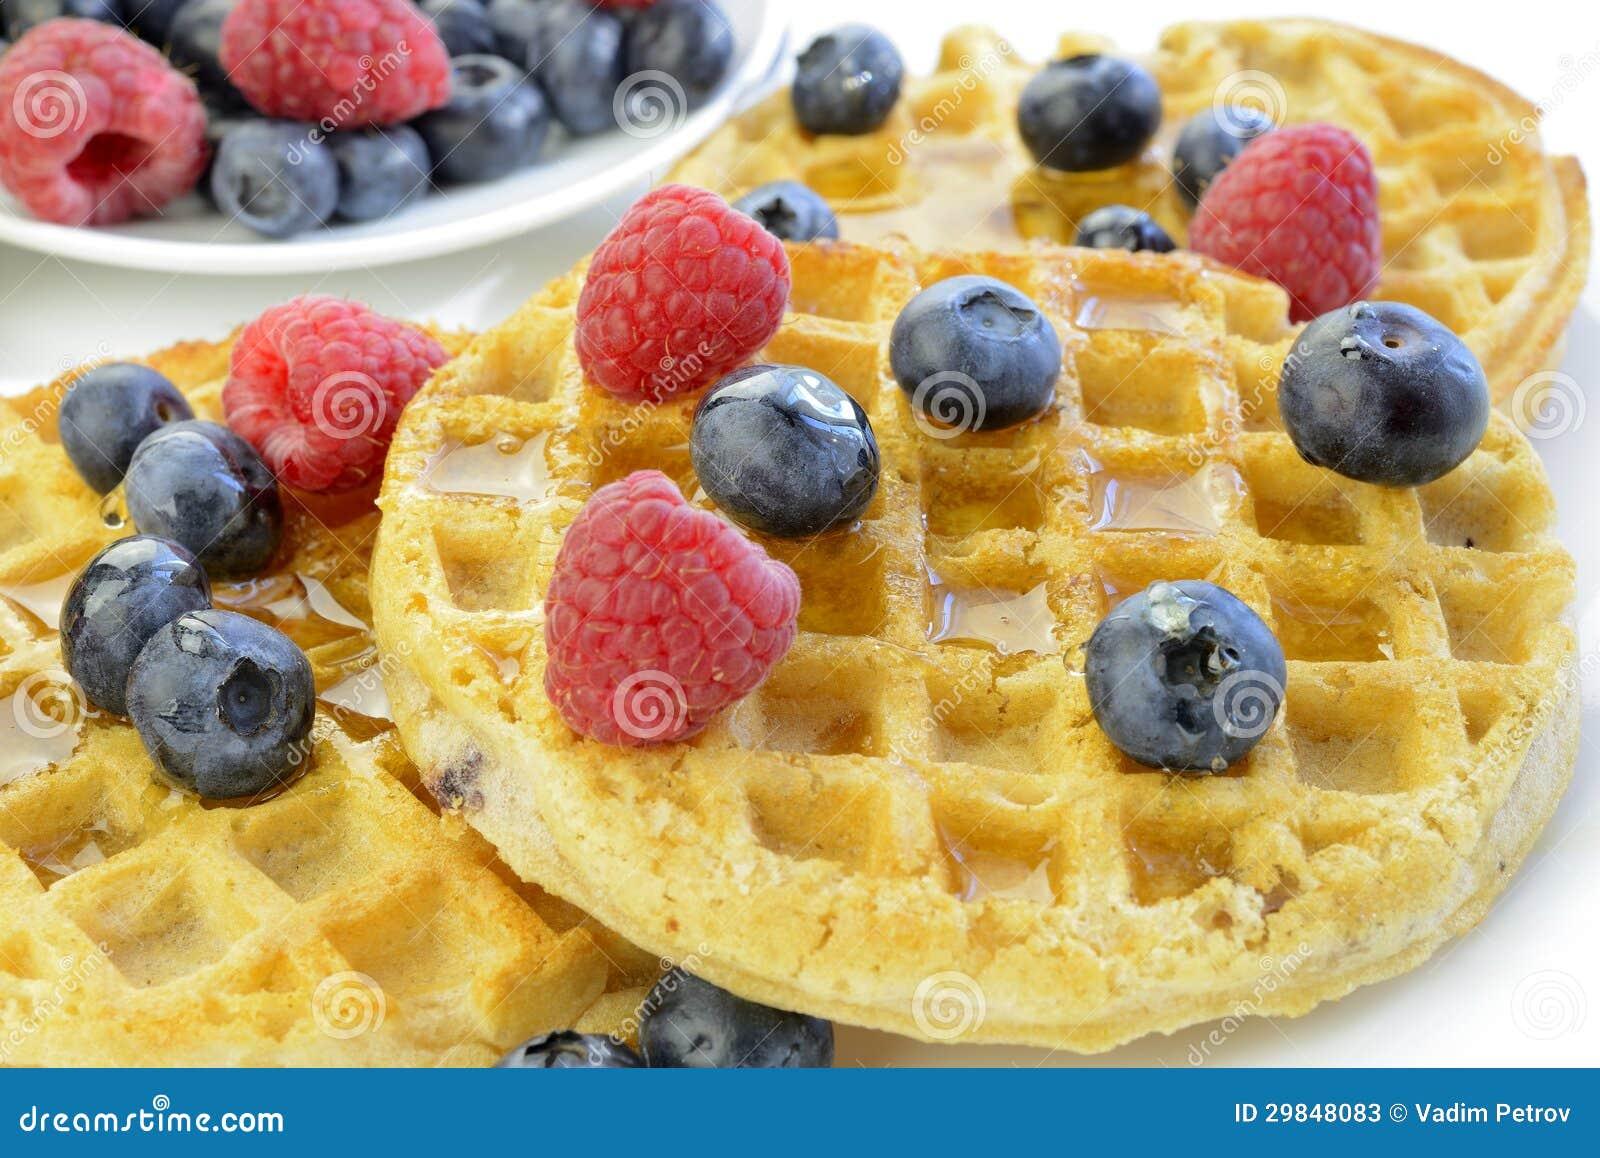 Waffles com mirtilos e close up das framboesas